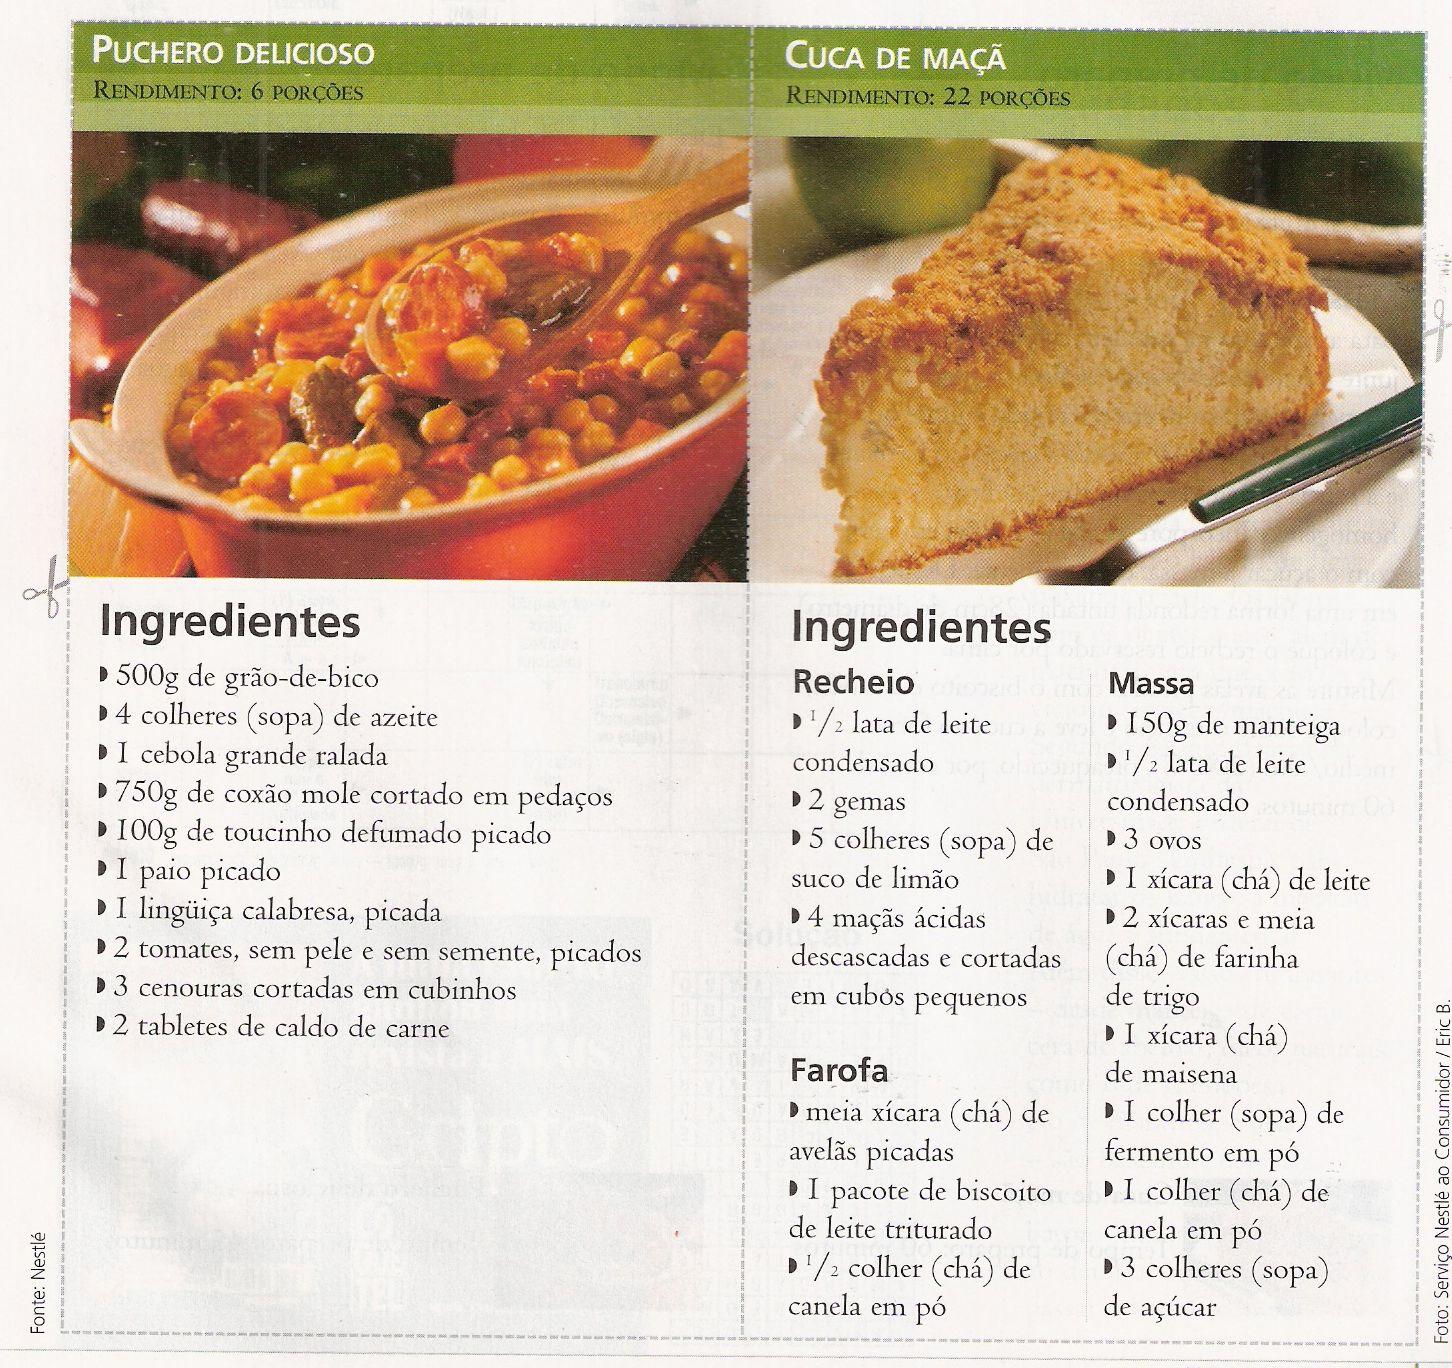 #A1632A Coisinhas da Casa: Receitas: Culinária Gaúcha 1452x1368 px Programa Cozinha Brasil Receitas_3936 Imagens